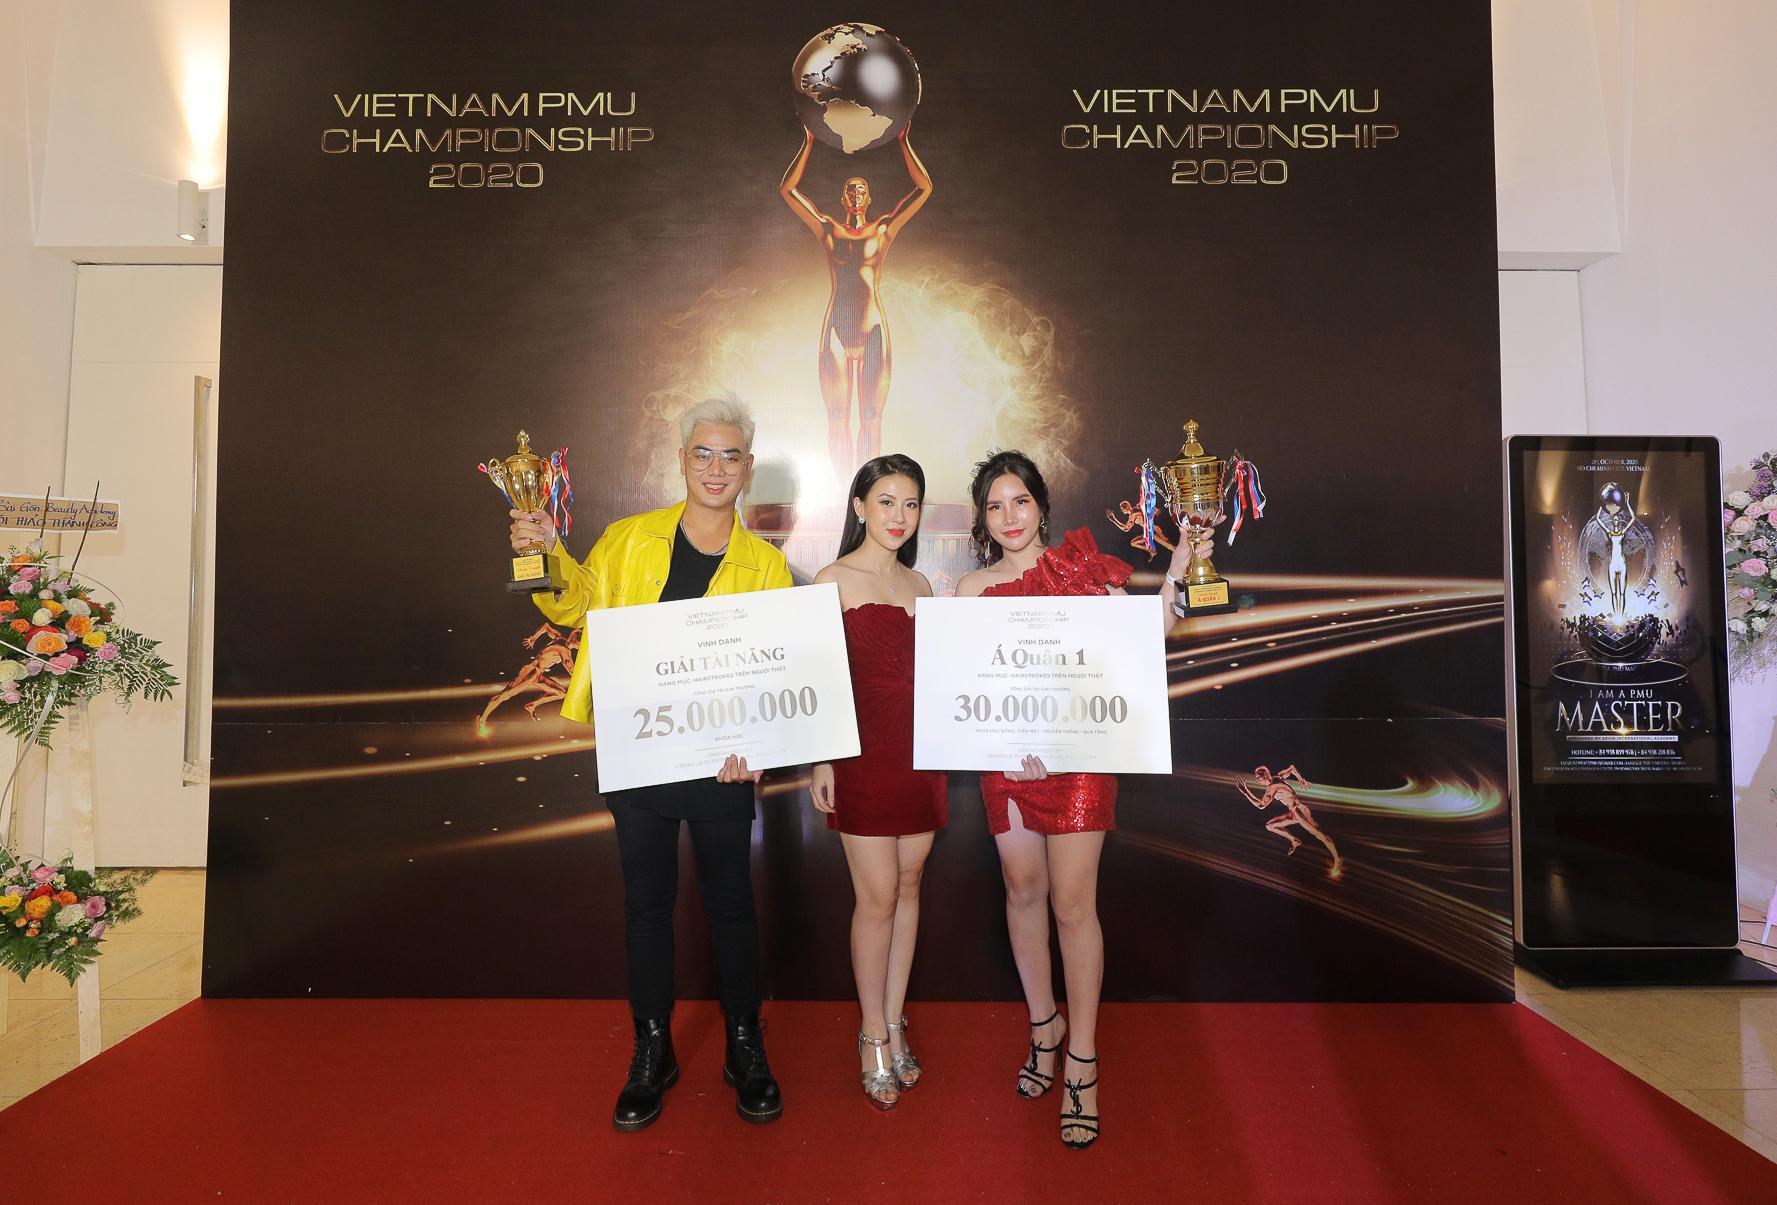 Học viên Hairstrokes của Hương Trà đạt giải cao trong cuộc thi PMU 2020 - Ảnh 1.